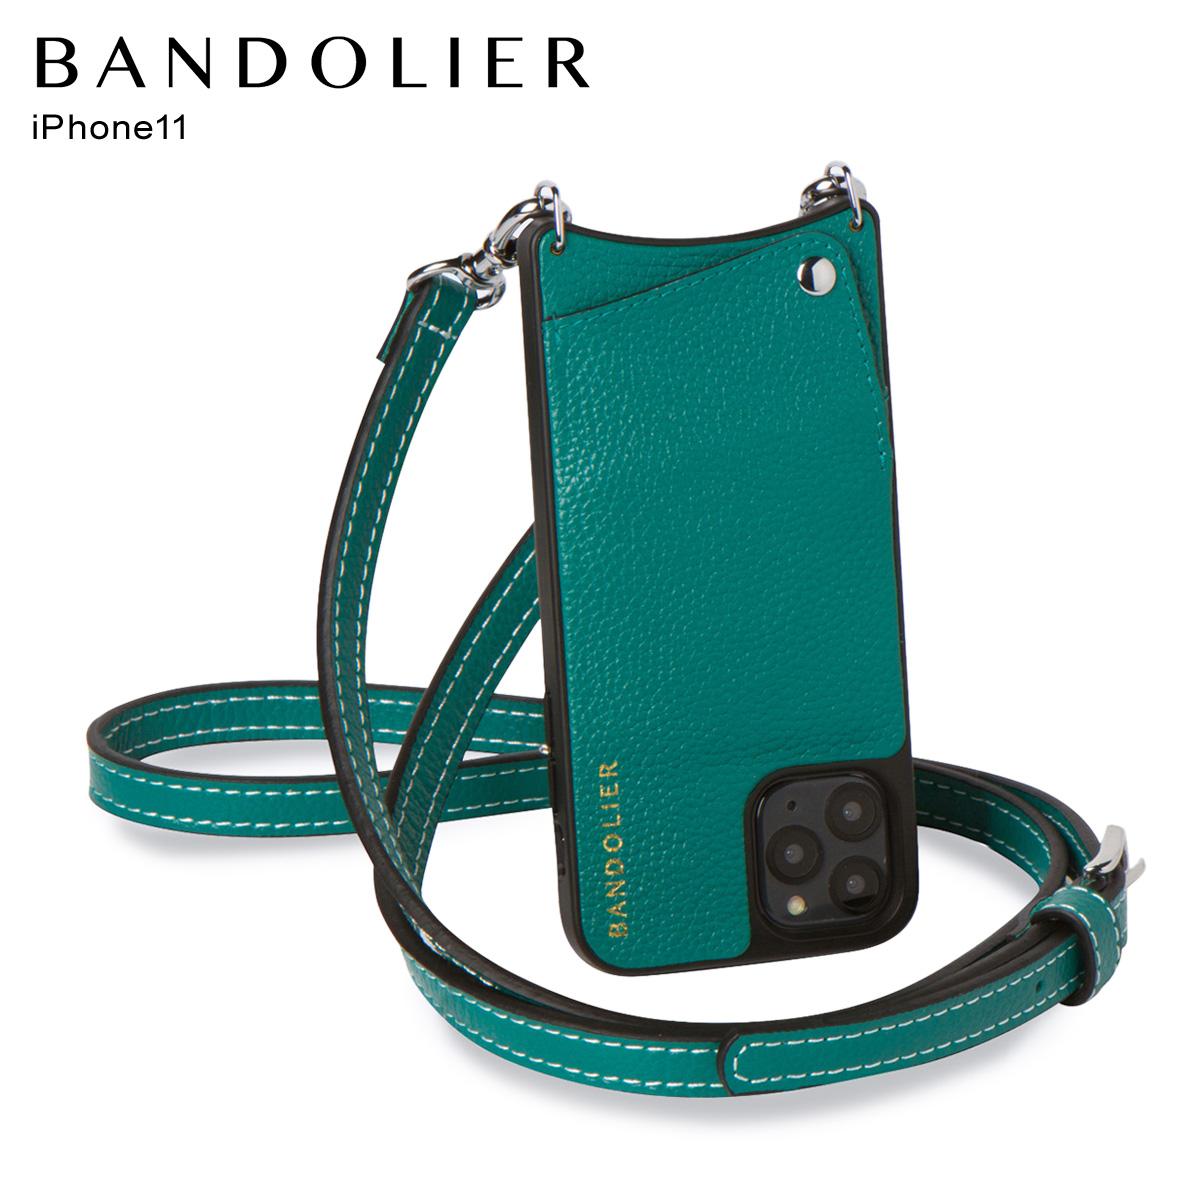 バンドリヤー BANDOLIER iPhone11 ケース スマホ 携帯 ショルダー アイフォン ケイシー メンズ レディース CASEY グリーン 10CAS [4/13 新入荷]